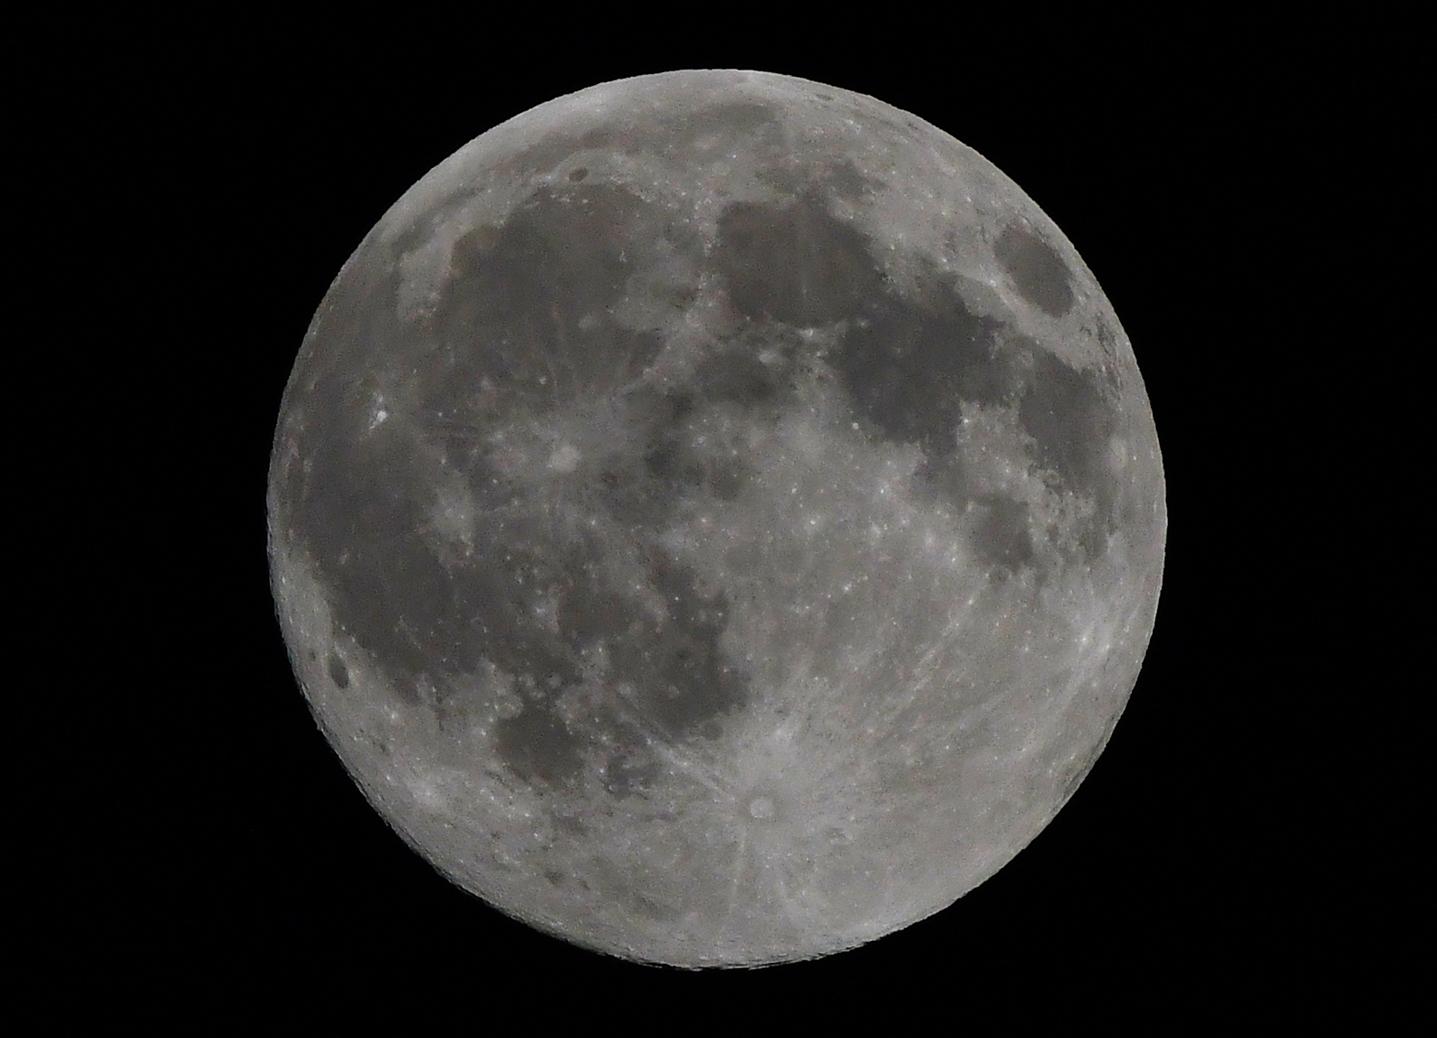 Zaterdag 8 februari 2020 stond om 23.03 uur de maan vol aan de nachtelijke hemel - Foto: ©Louis Fraanje